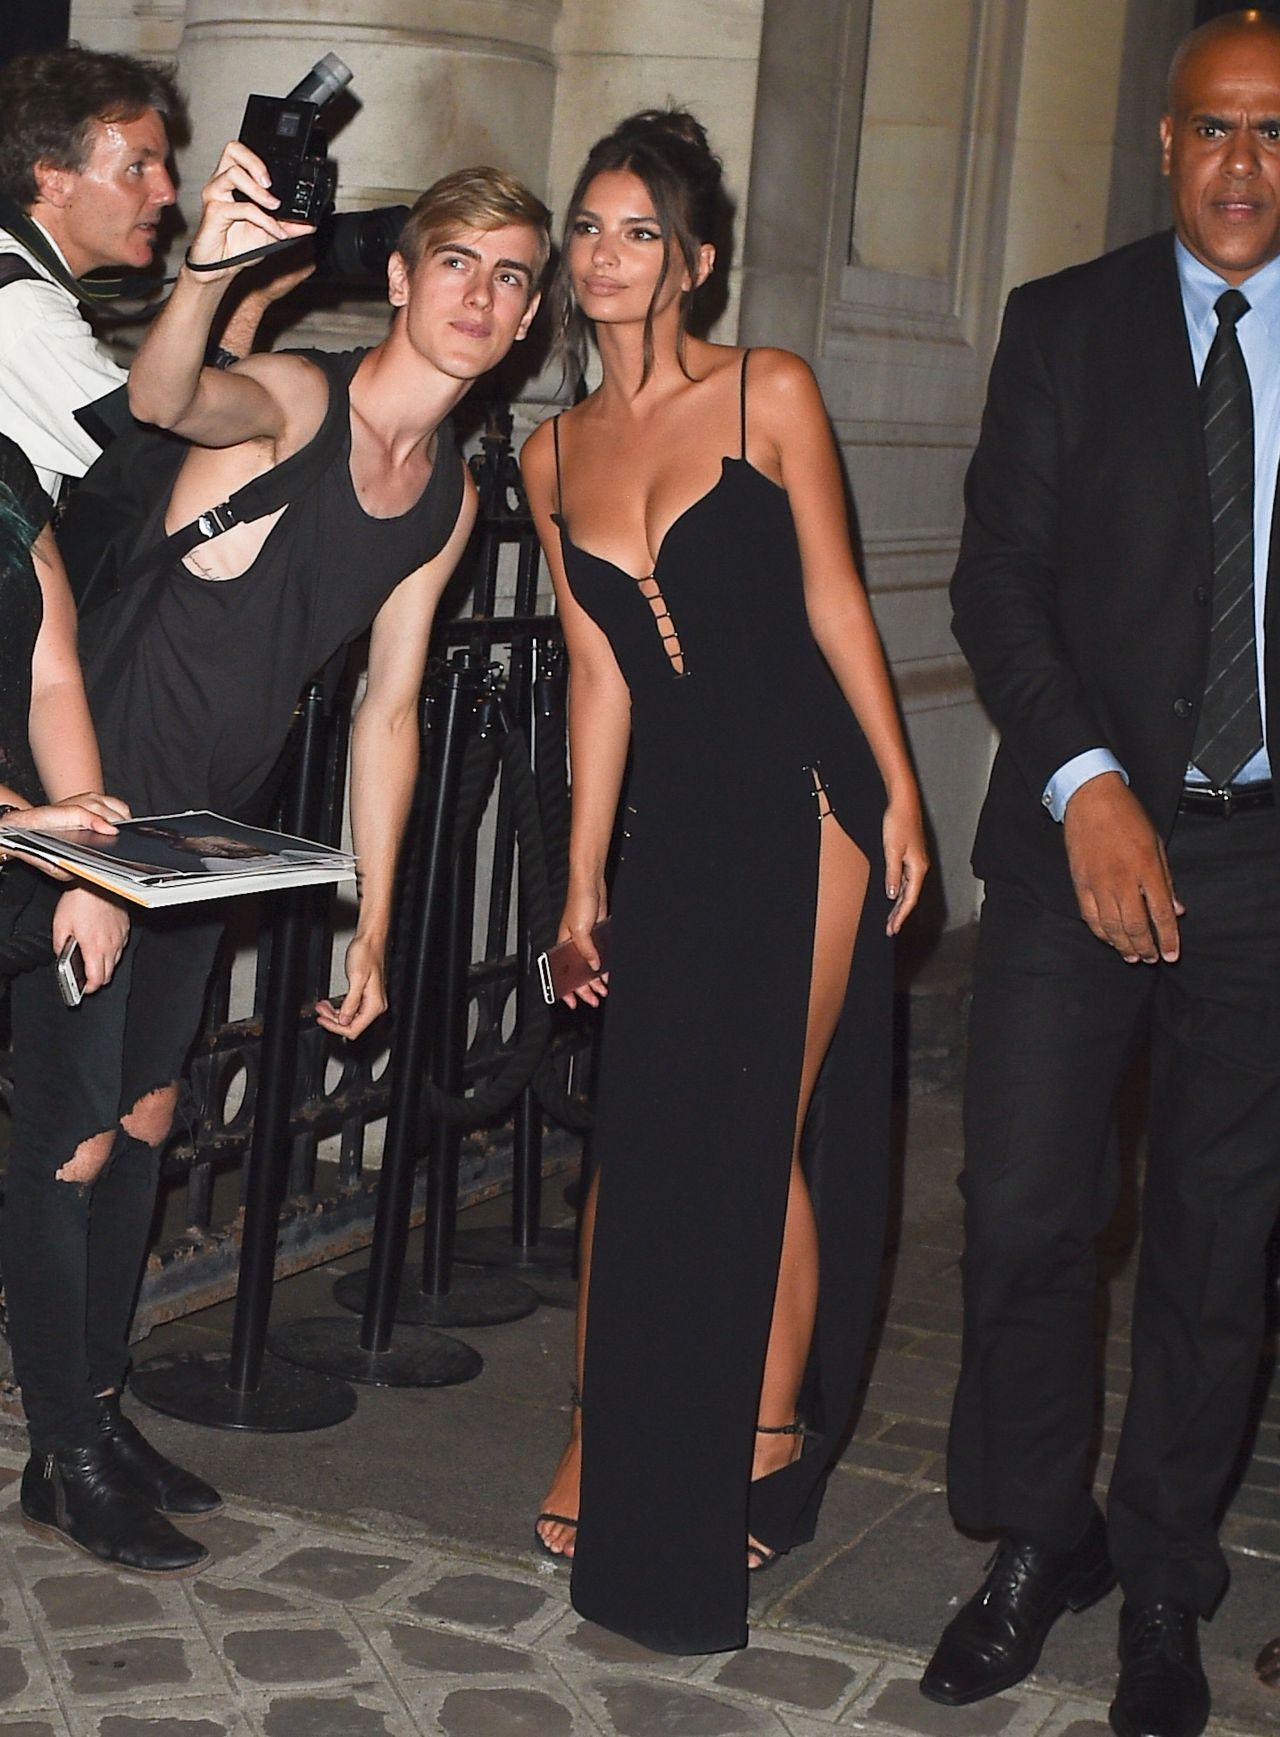 Emily Ratajkowski Vogue Party In Paris France 07 04 2017